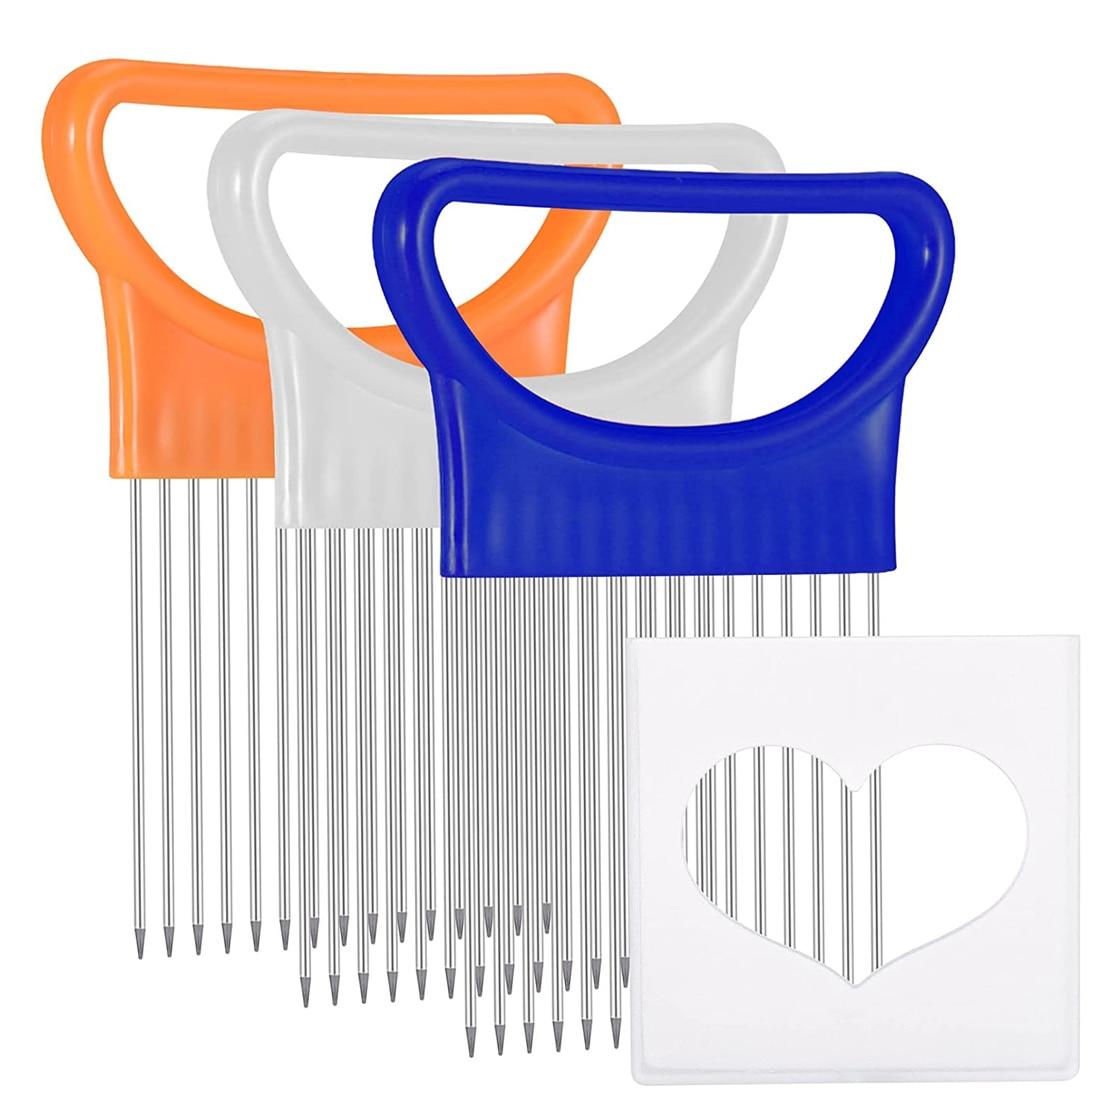 Кухонные гаджеты, слайсер для лука, быстрая безопасная вилка, инструменты для нарезки овощей, резак для овощей, кухонные аксессуары